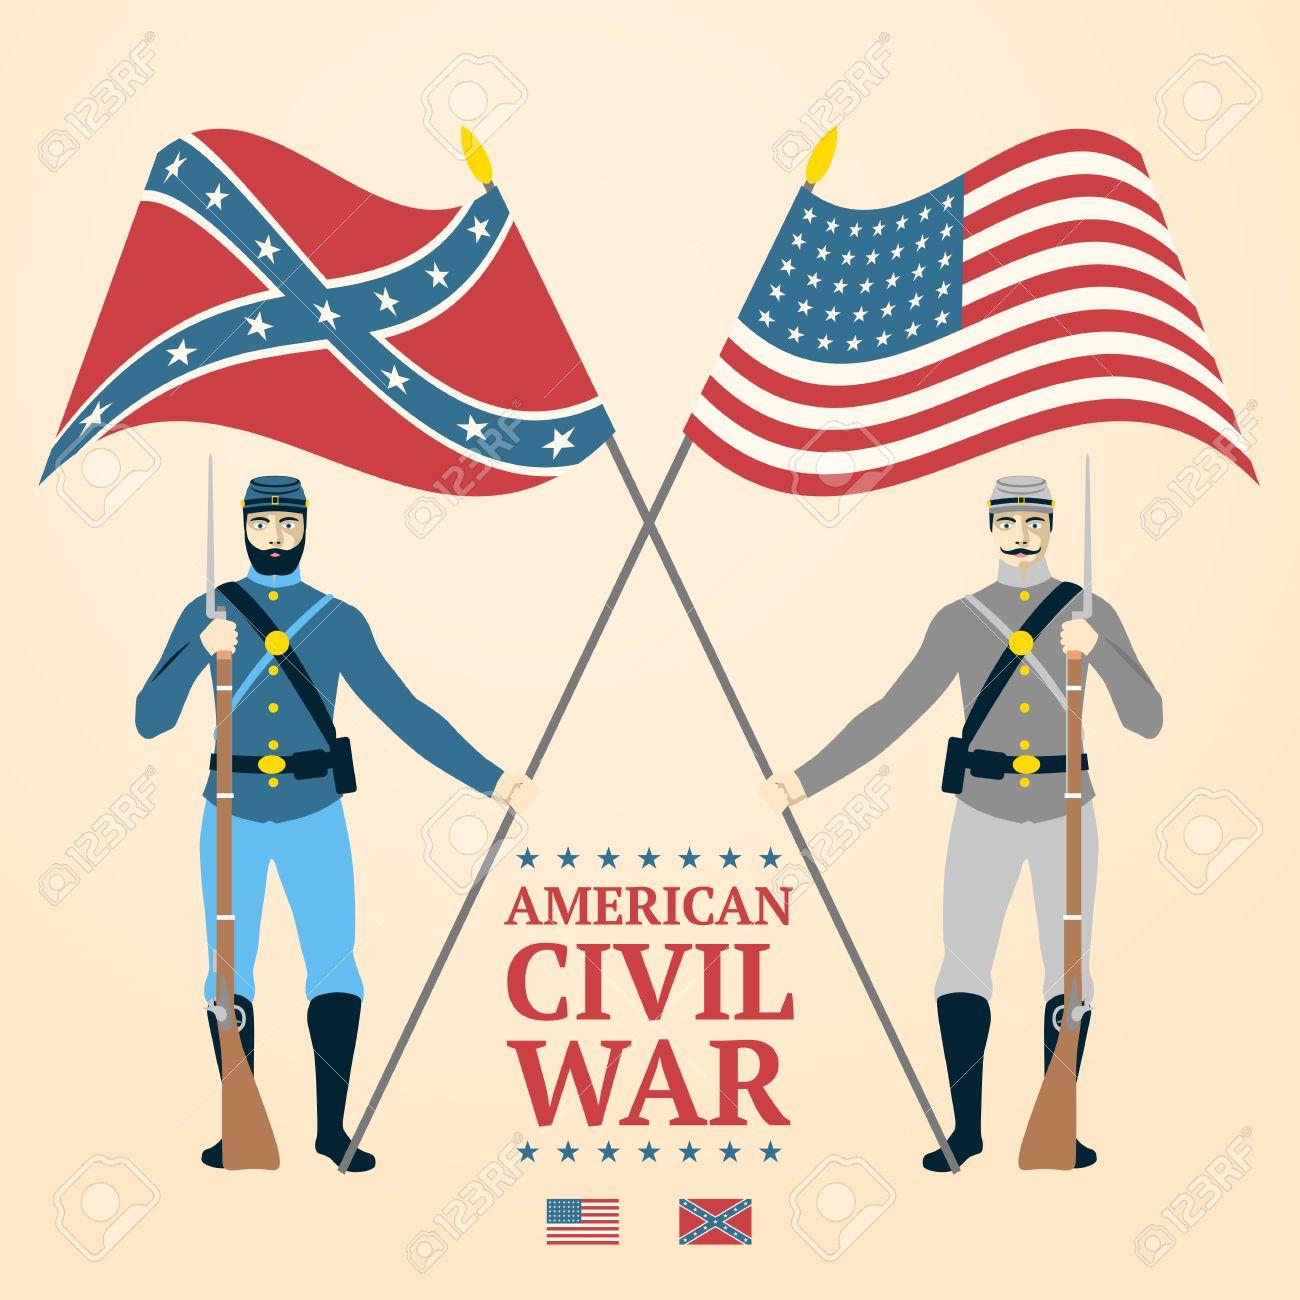 アメリカ南北戦争の図 - 制服、フラグとライフルの南部と北部の兵士 ...